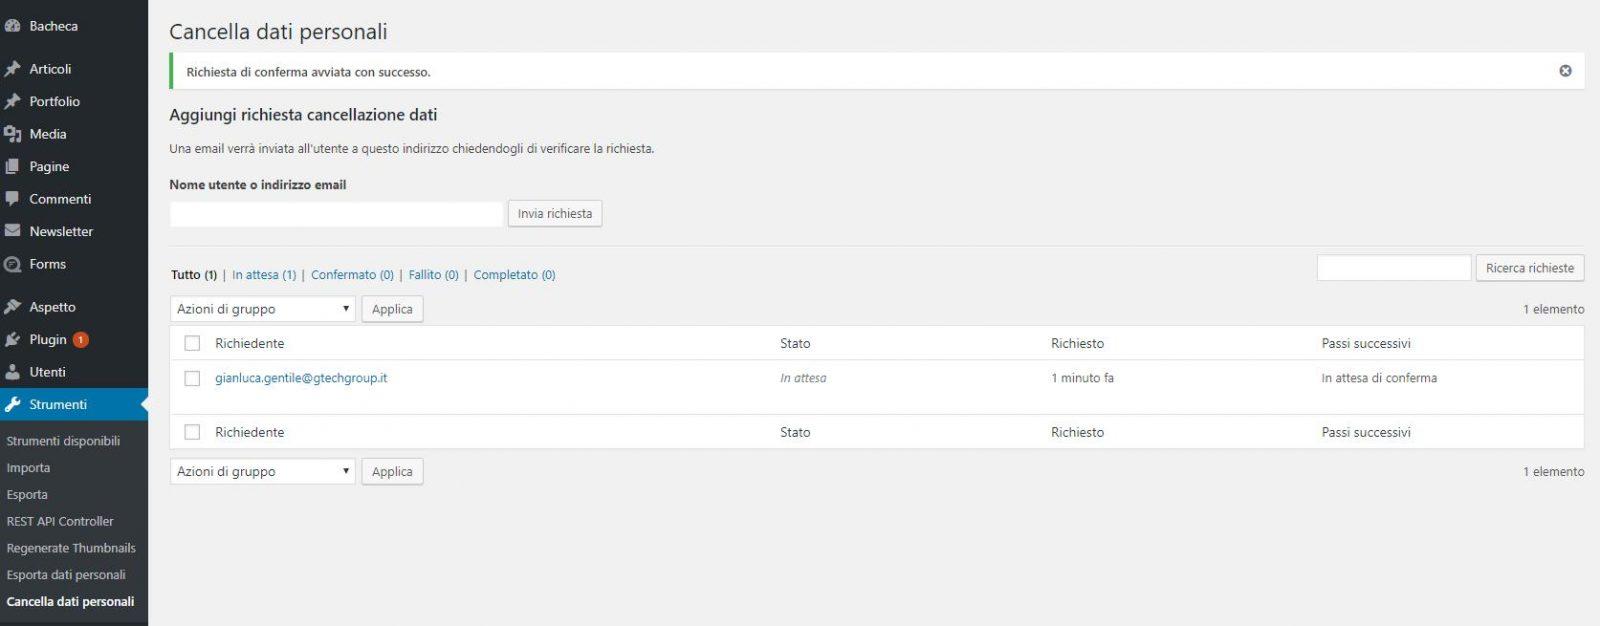 Pagina per la cancellazione dei dati personali in WordPress 4.9.6.